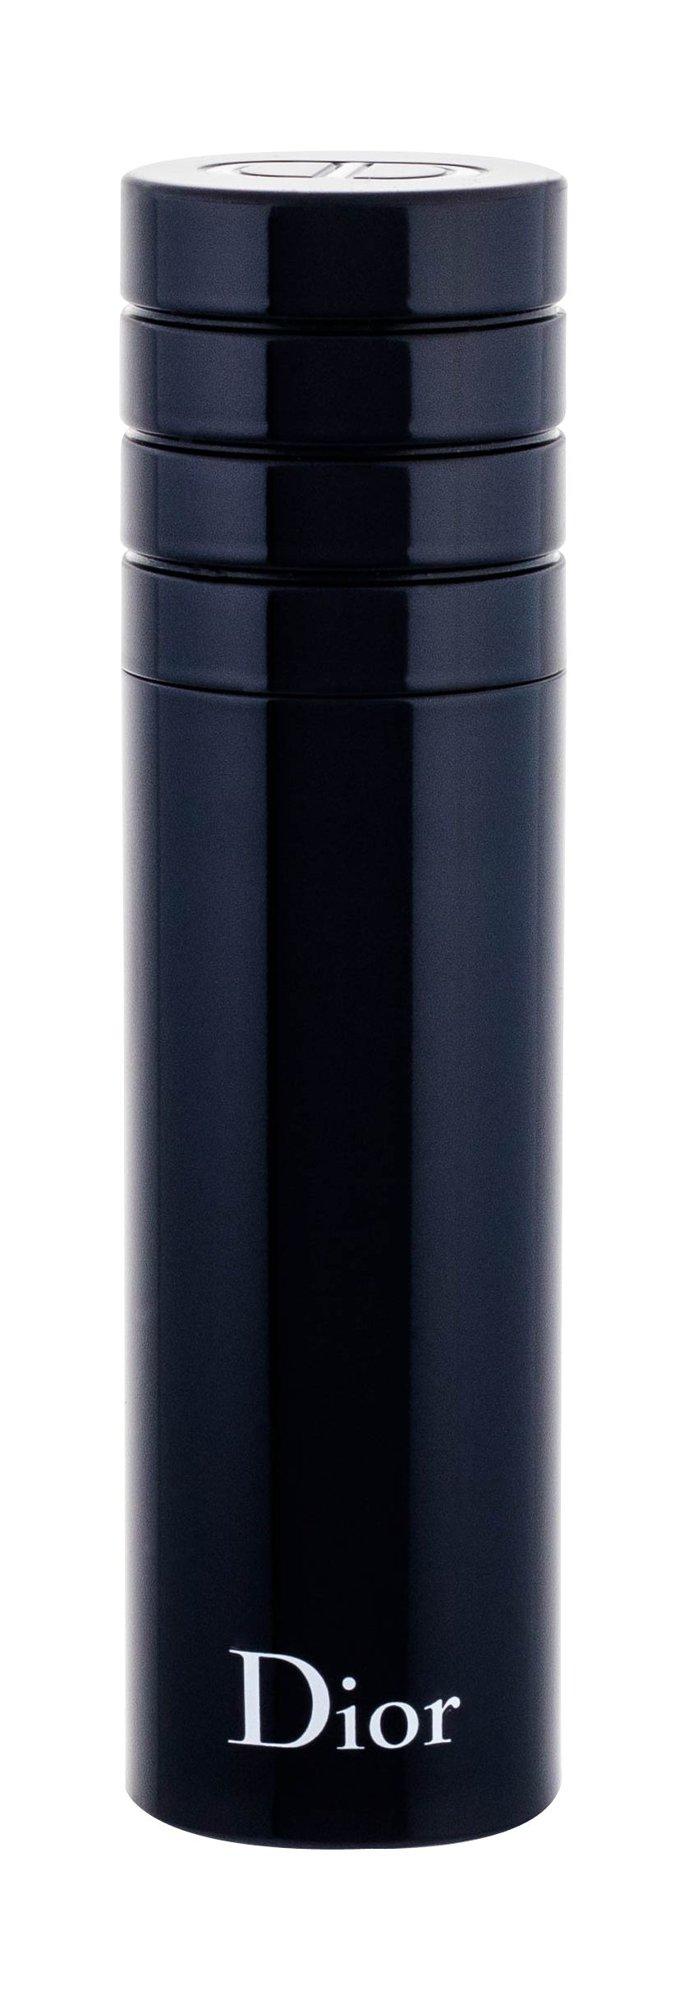 Christian Dior Sauvage, Toaletná voda 10ml, Naplniteľný